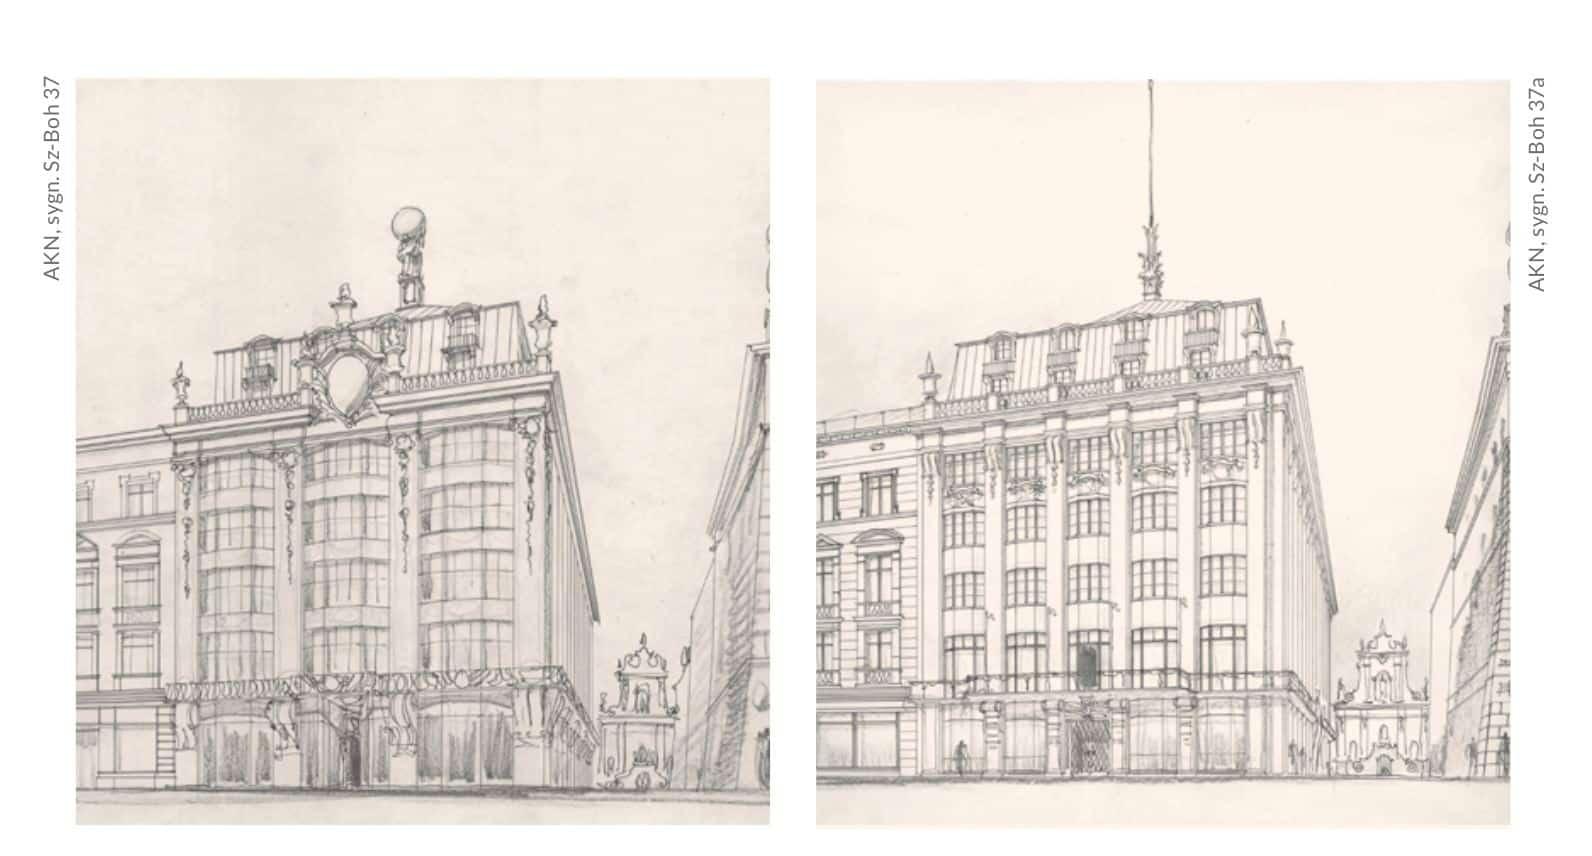 Neobarokowe koncepcje architektoniczne gmachu Towarzystwa Ubezpieczeniowego Feniks.